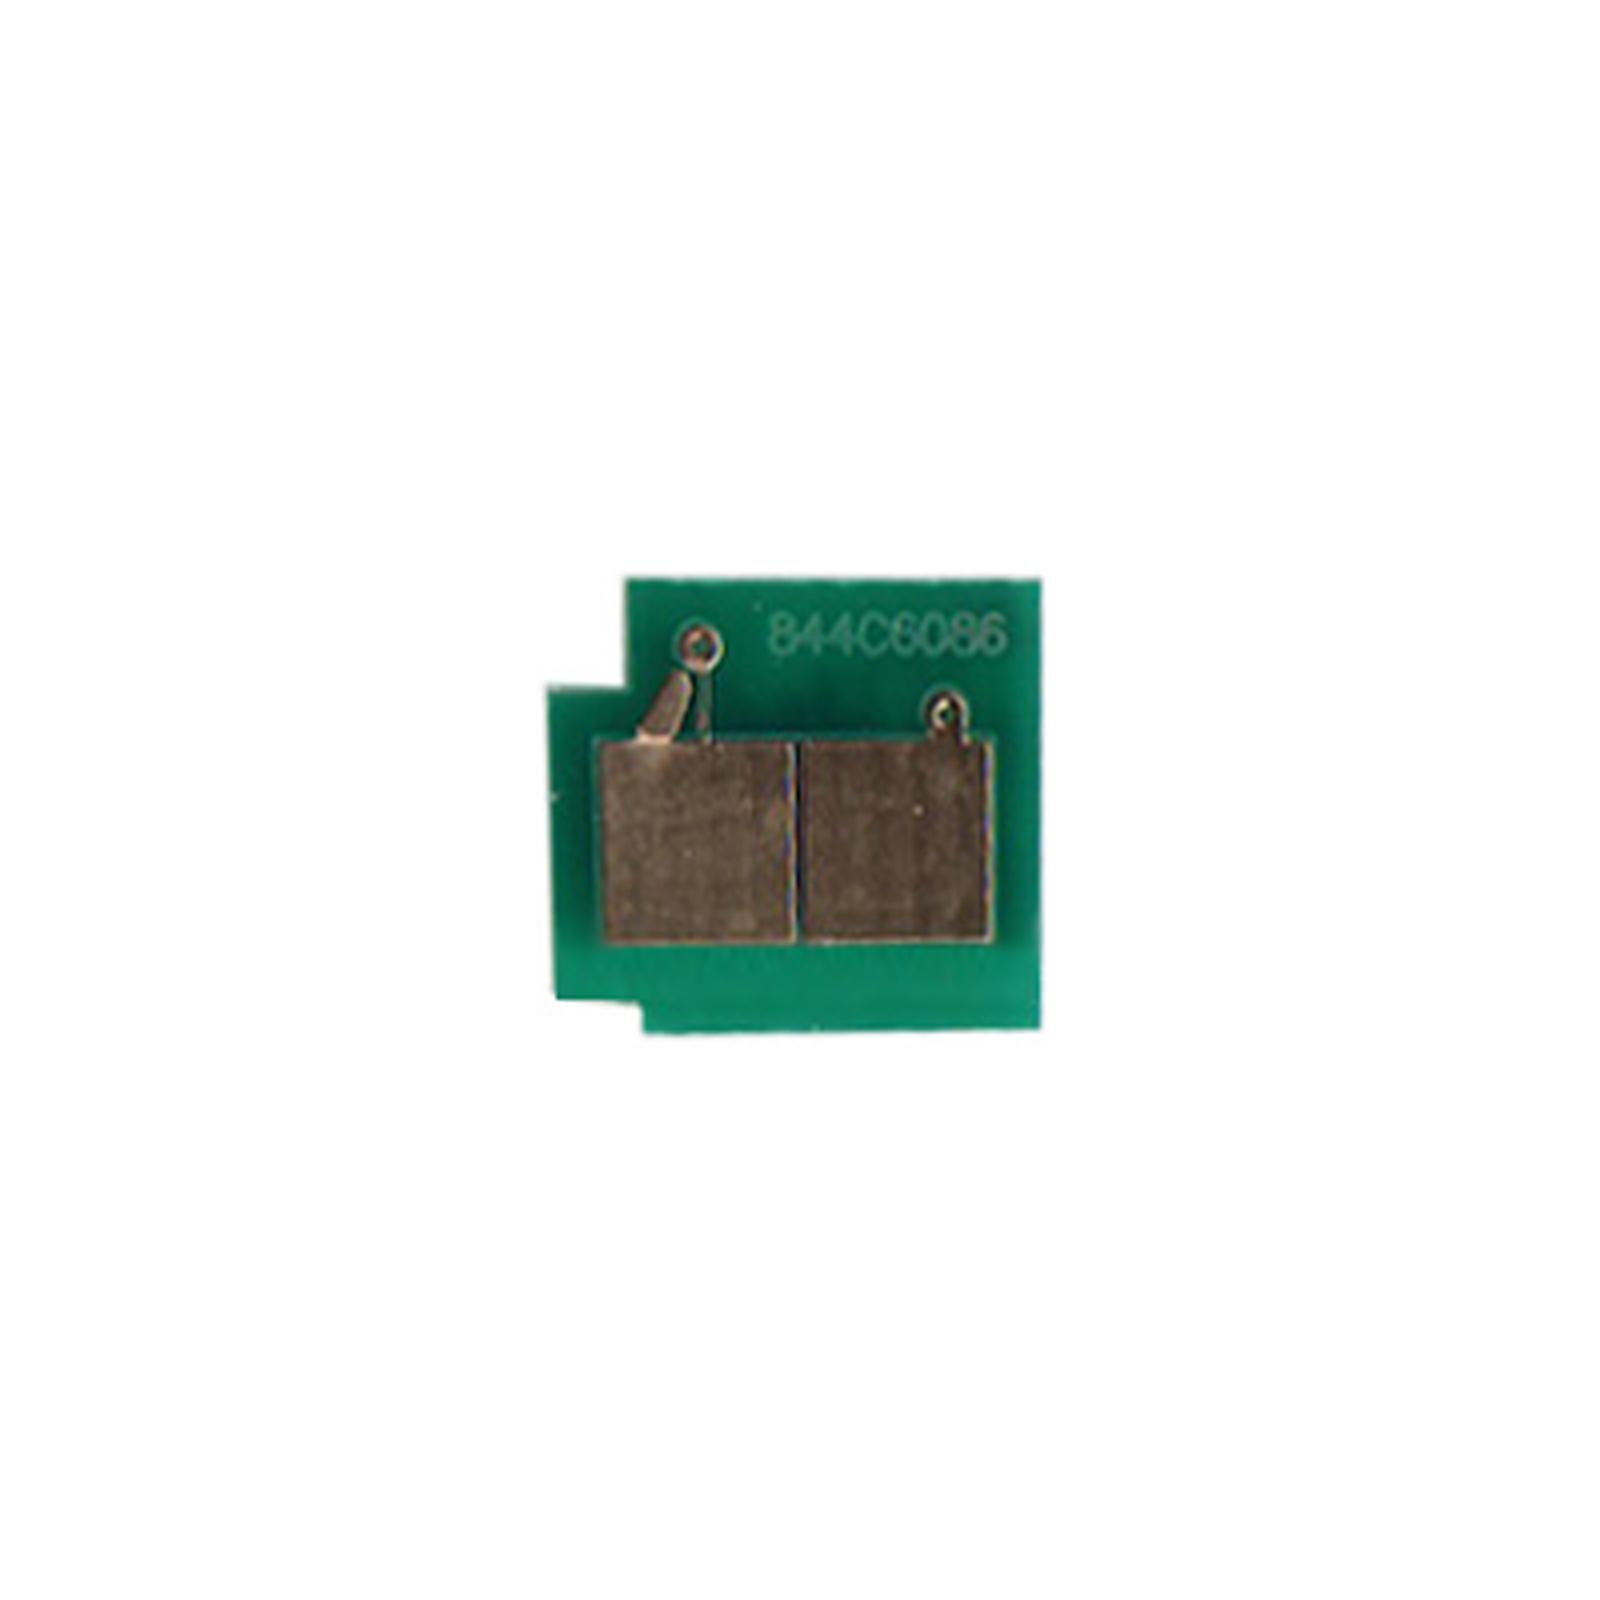 Чип для картриджа HP LJ 5200 BASF (WWMID-71861)